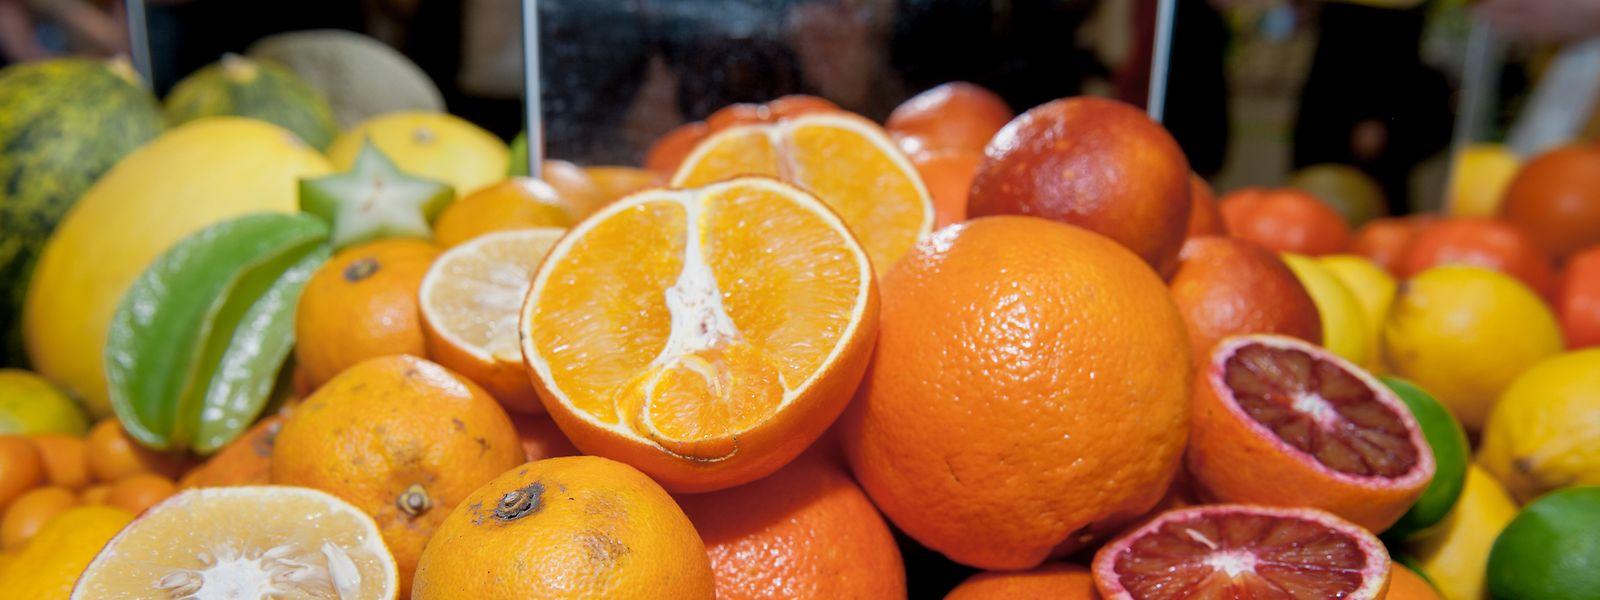 Ab Dienstag gibt es neue Cadmium-Grenzwerte für etliche Obst-, Gemüse- und Getreidesorten sowie Ölsaaten.